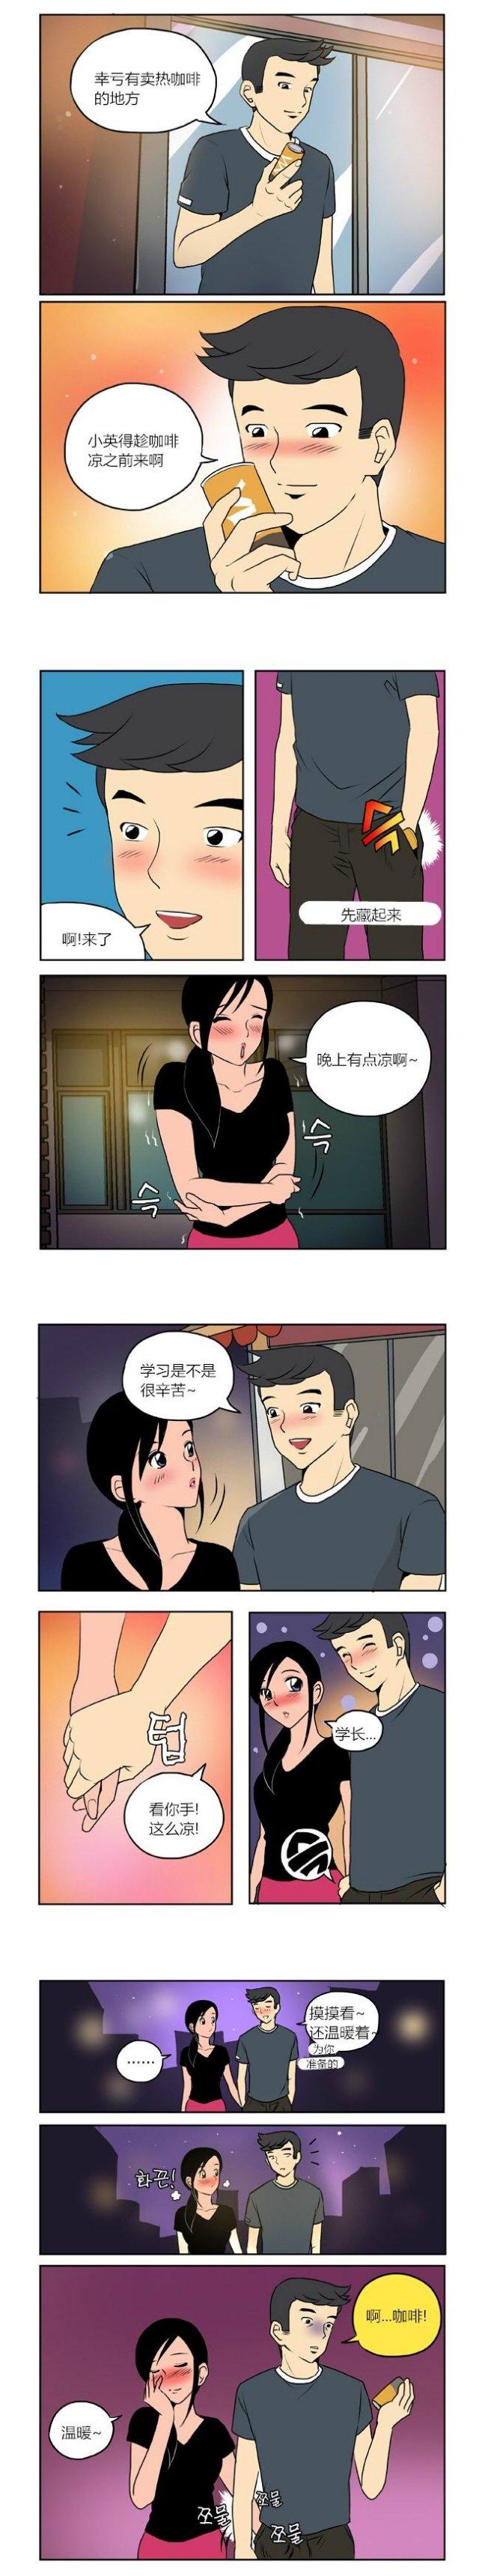 毒王漫画|帅哥的标准 温暖的咖啡 小太妹 深夜 h漫画 图3